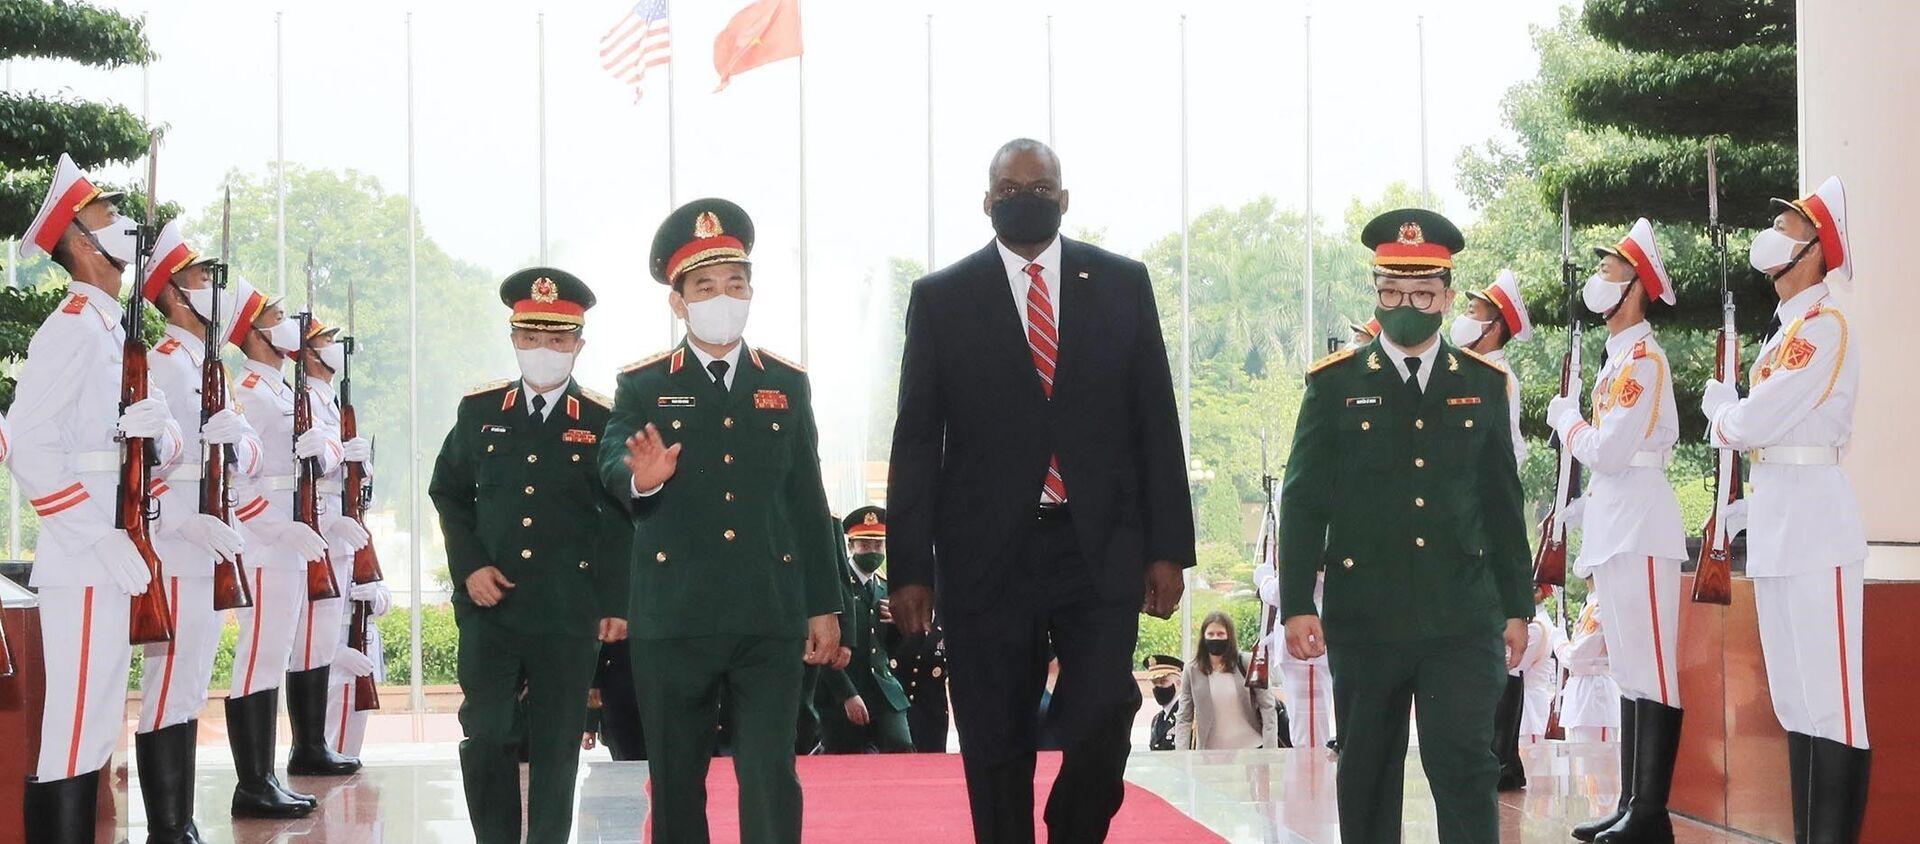 Bộ trưởng Quốc phòng Hoa Kỳ Lloyd Austin thăm chính thức Việt Nam - Sputnik Việt Nam, 1920, 29.07.2021